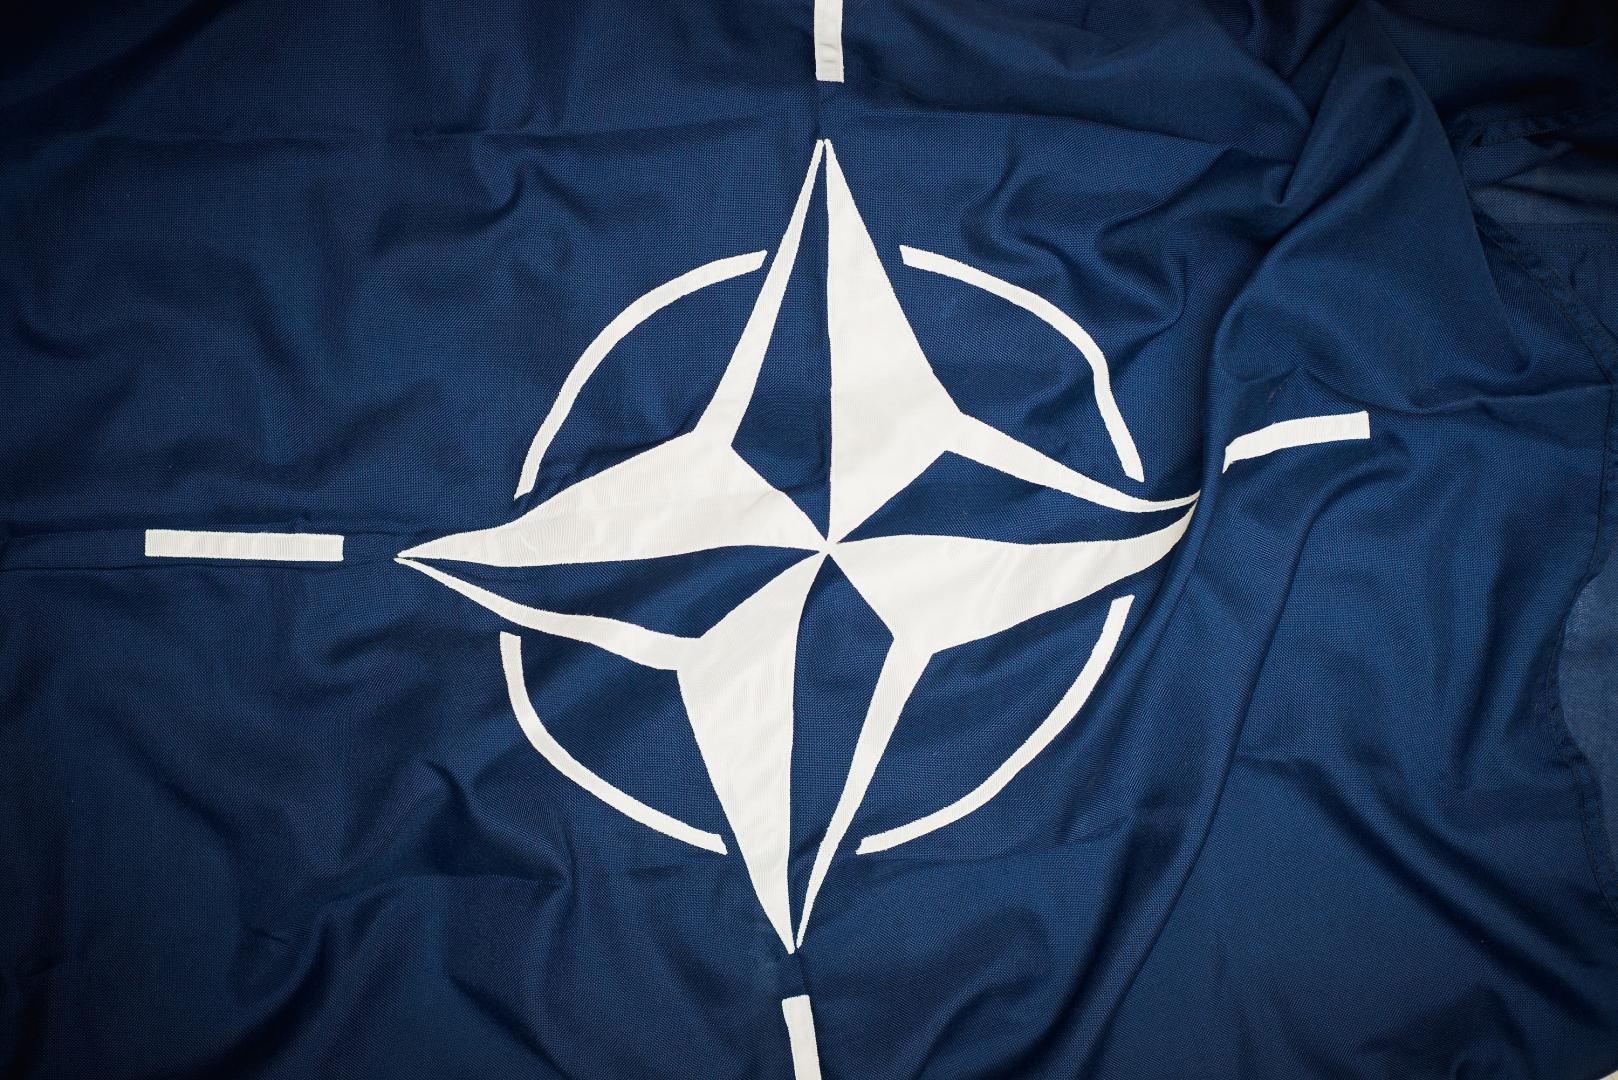 NATO își consolidează prezența în bazinul Mării Negre